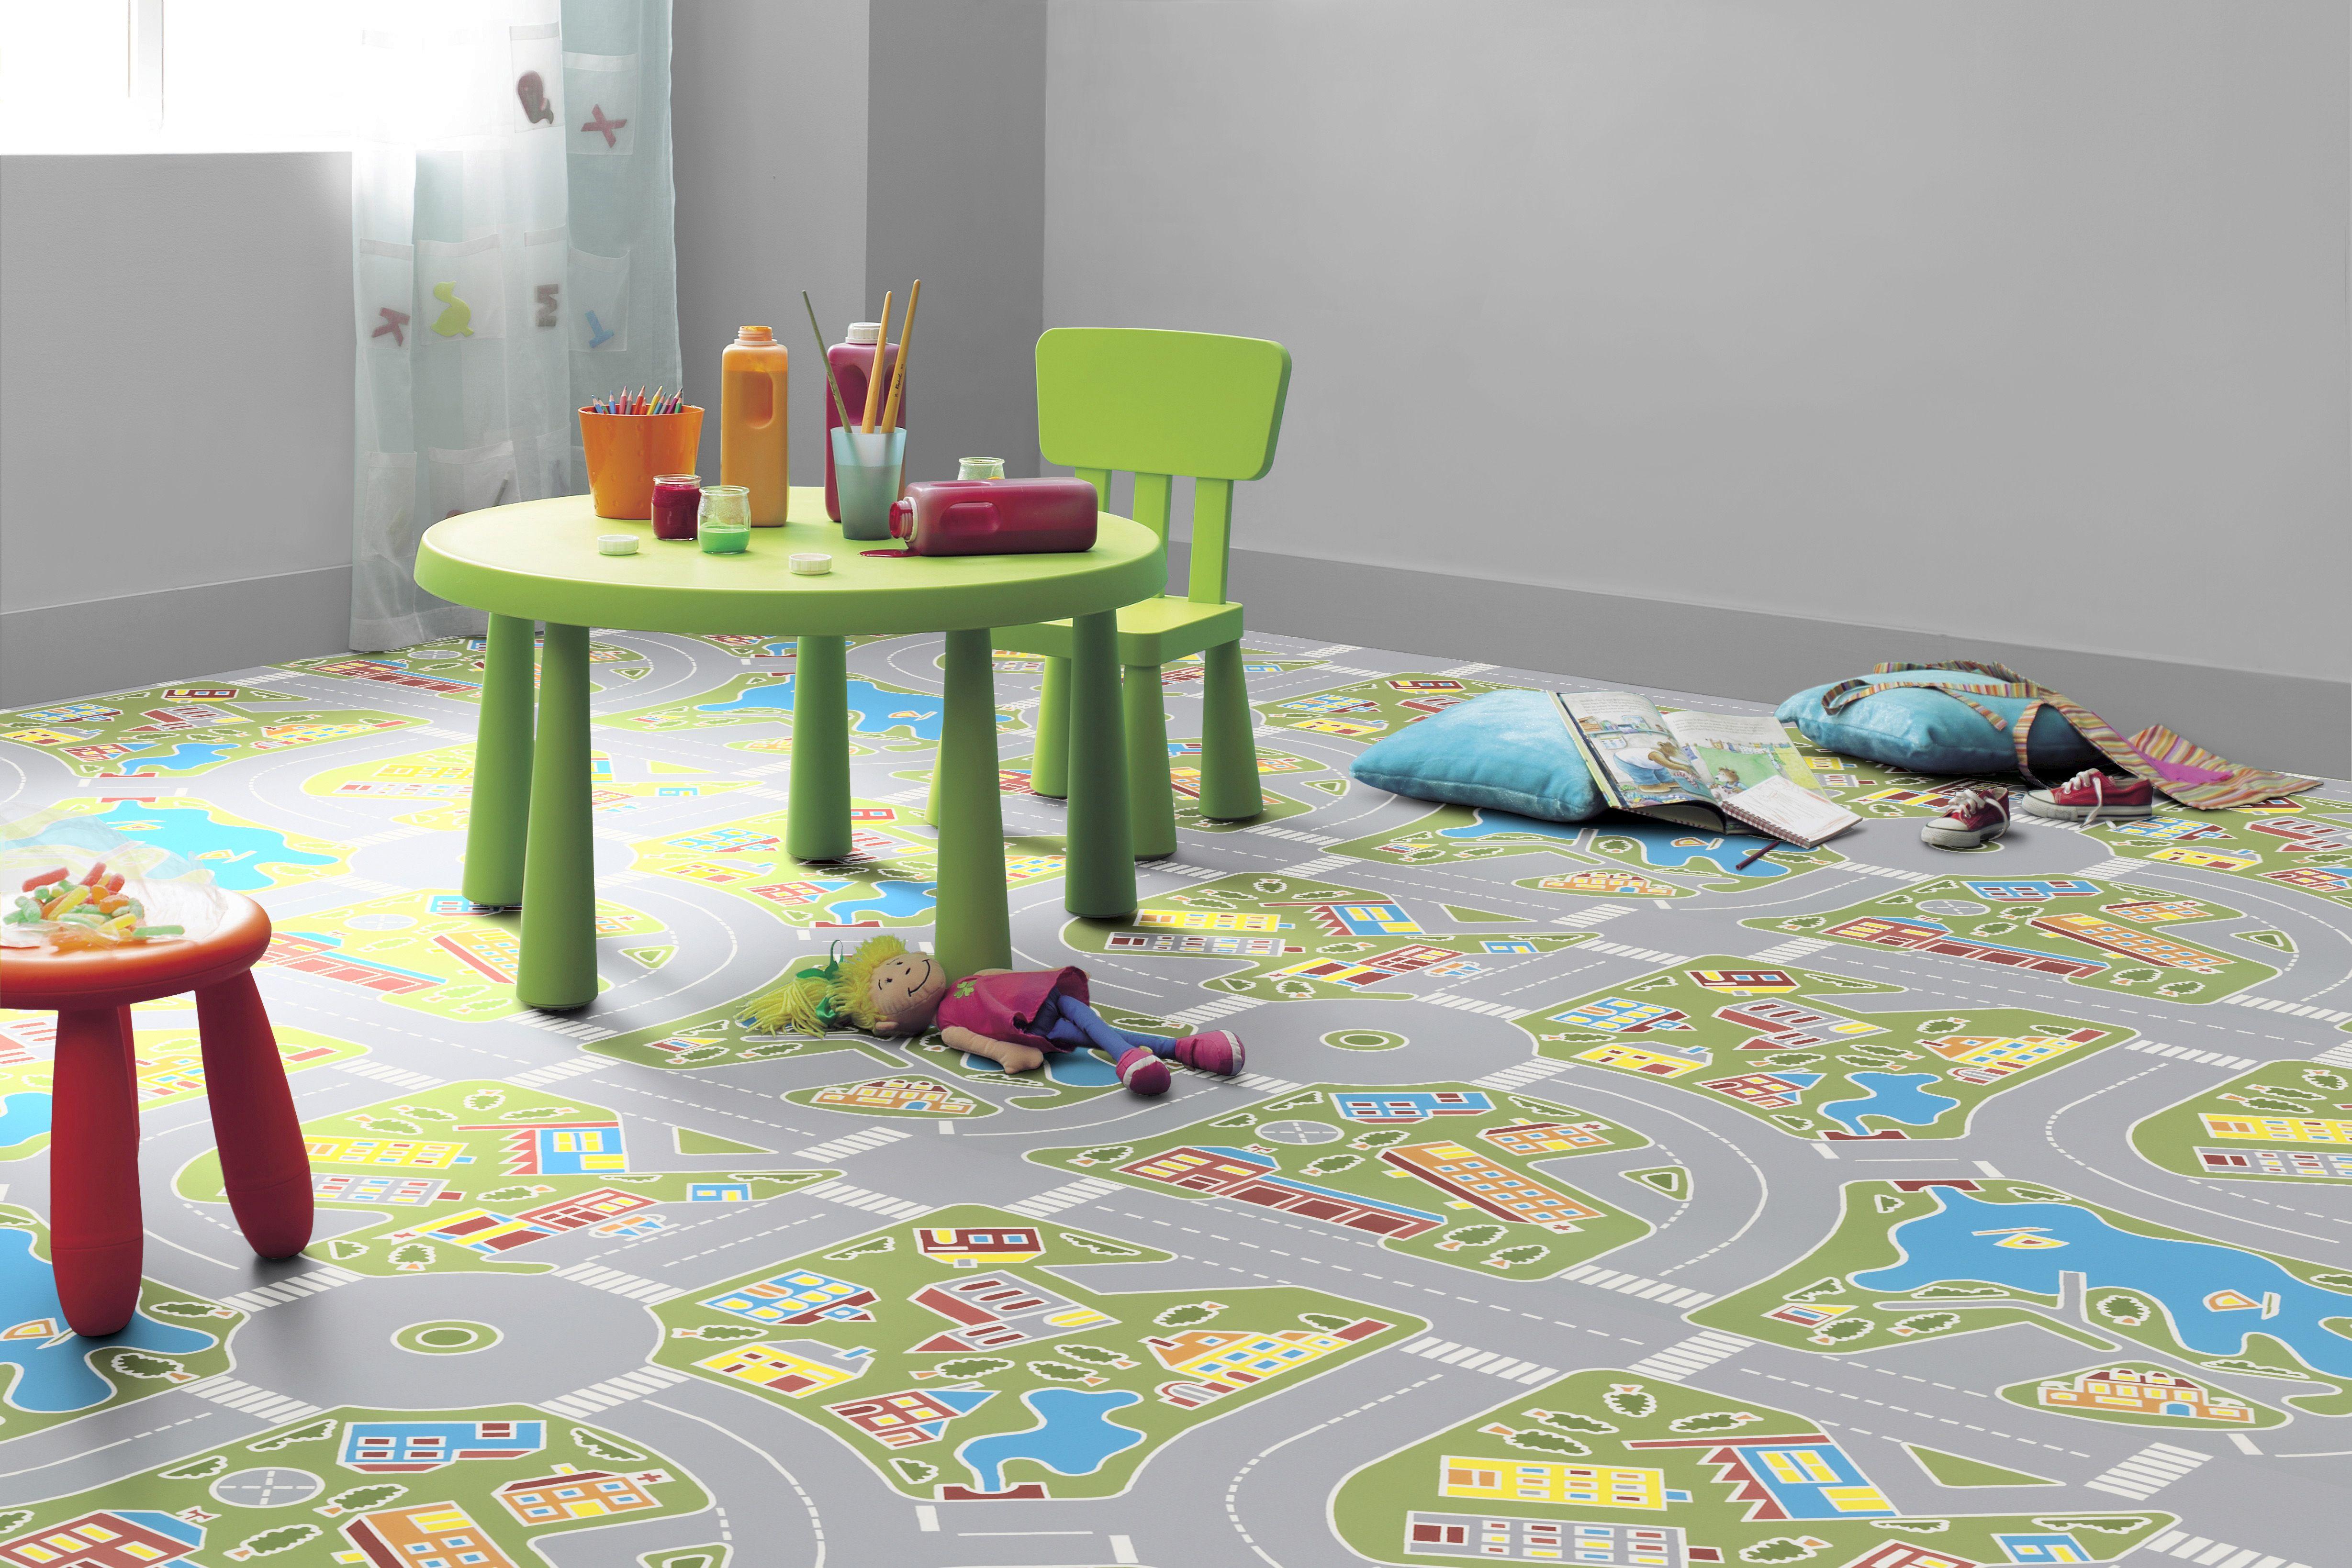 Sol Pvc Circuit Garcon Tarkett 2 M Idee Deco Chambre Enfant Idee Salle De Jeux Chambre Enfant